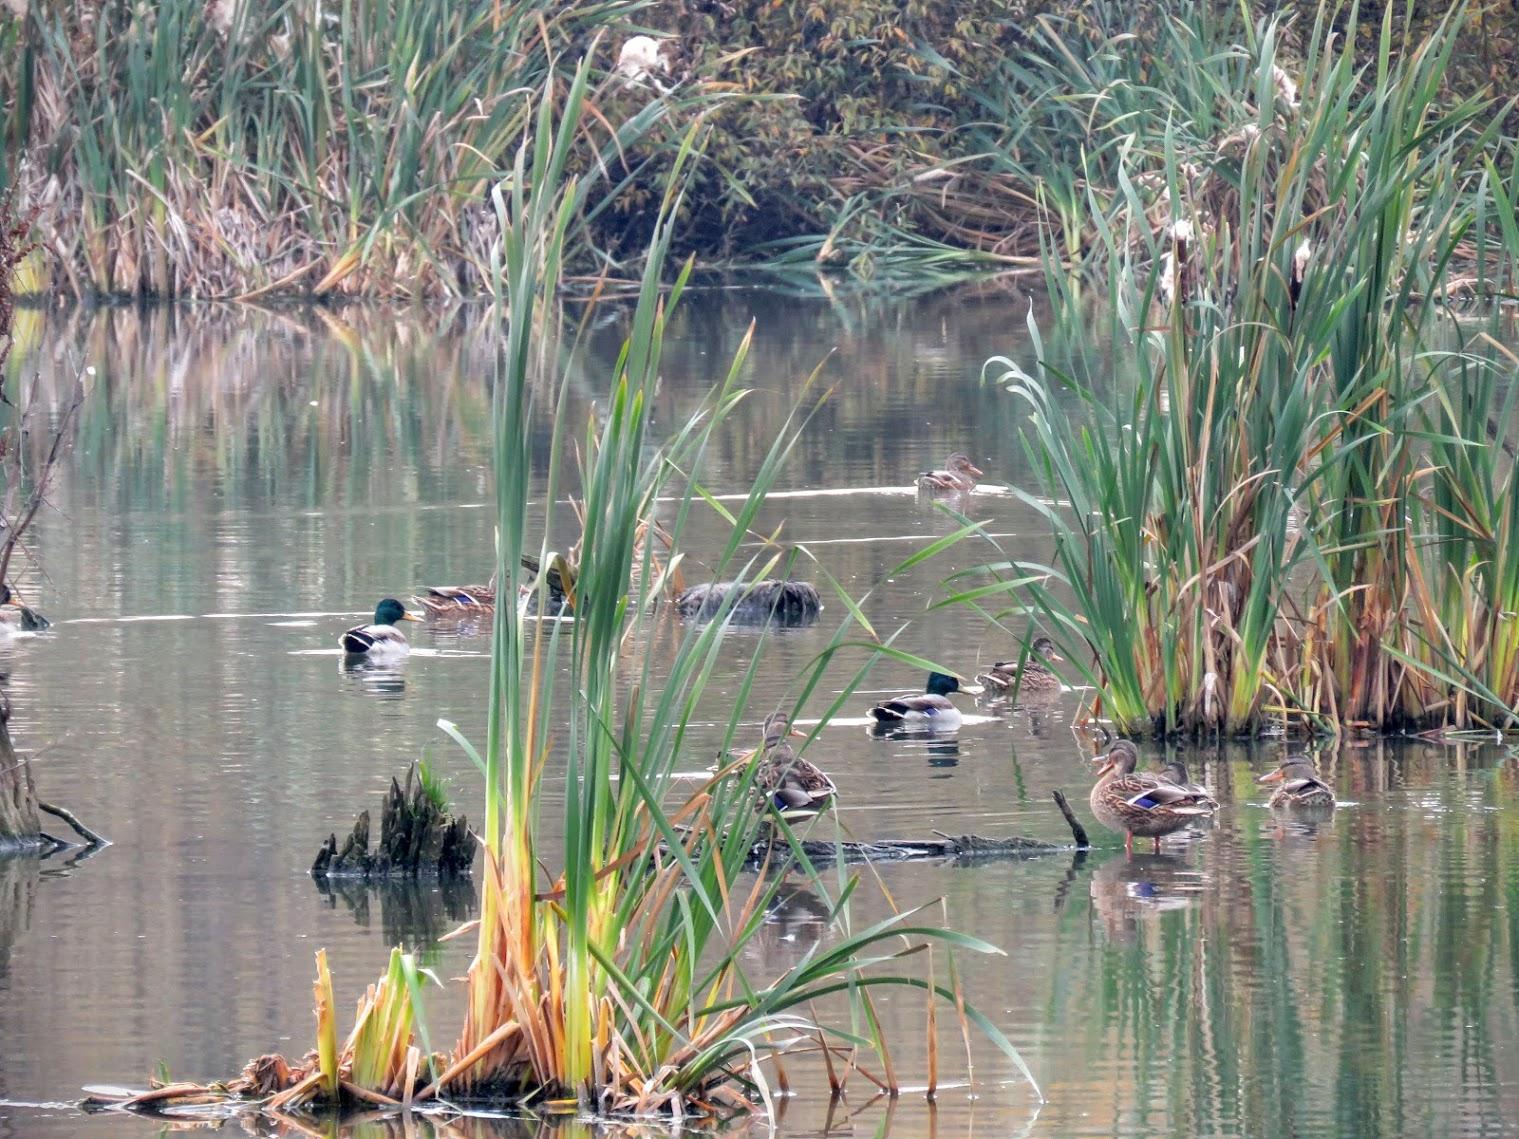 картинки озеро и камыши с утками отзывам вас